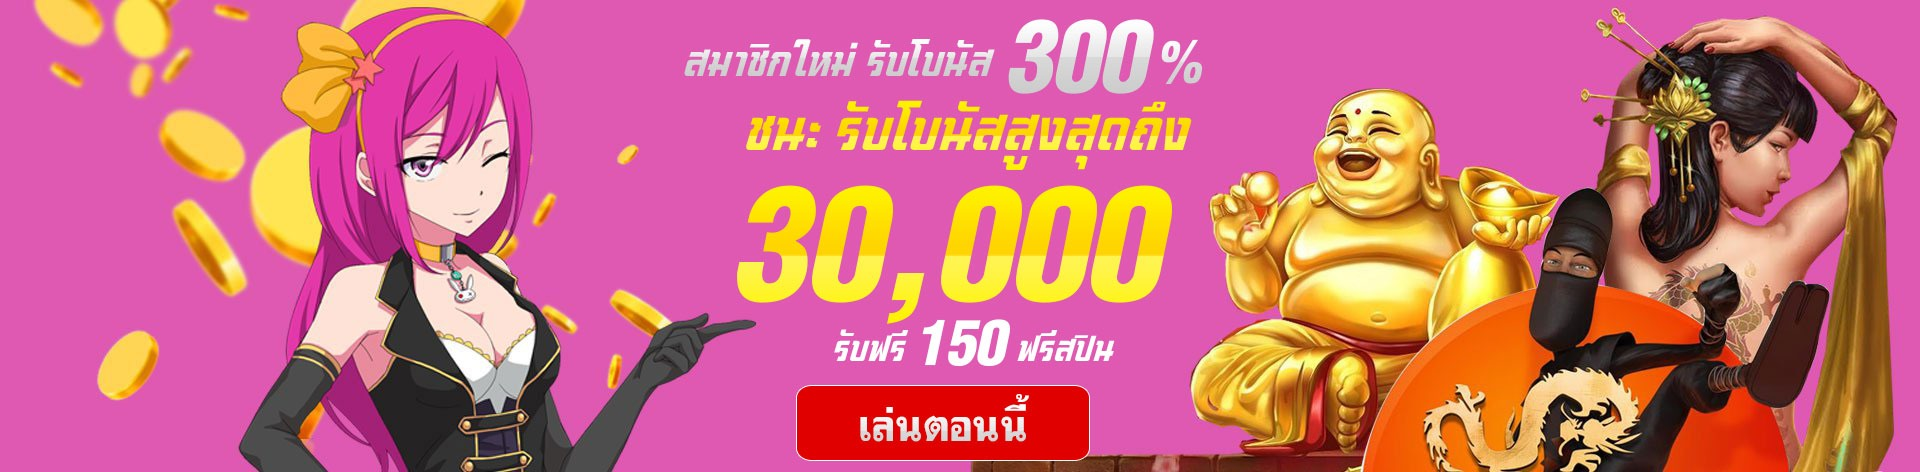 LuckyNiki แจกโบนัสต้อนรับ 300%